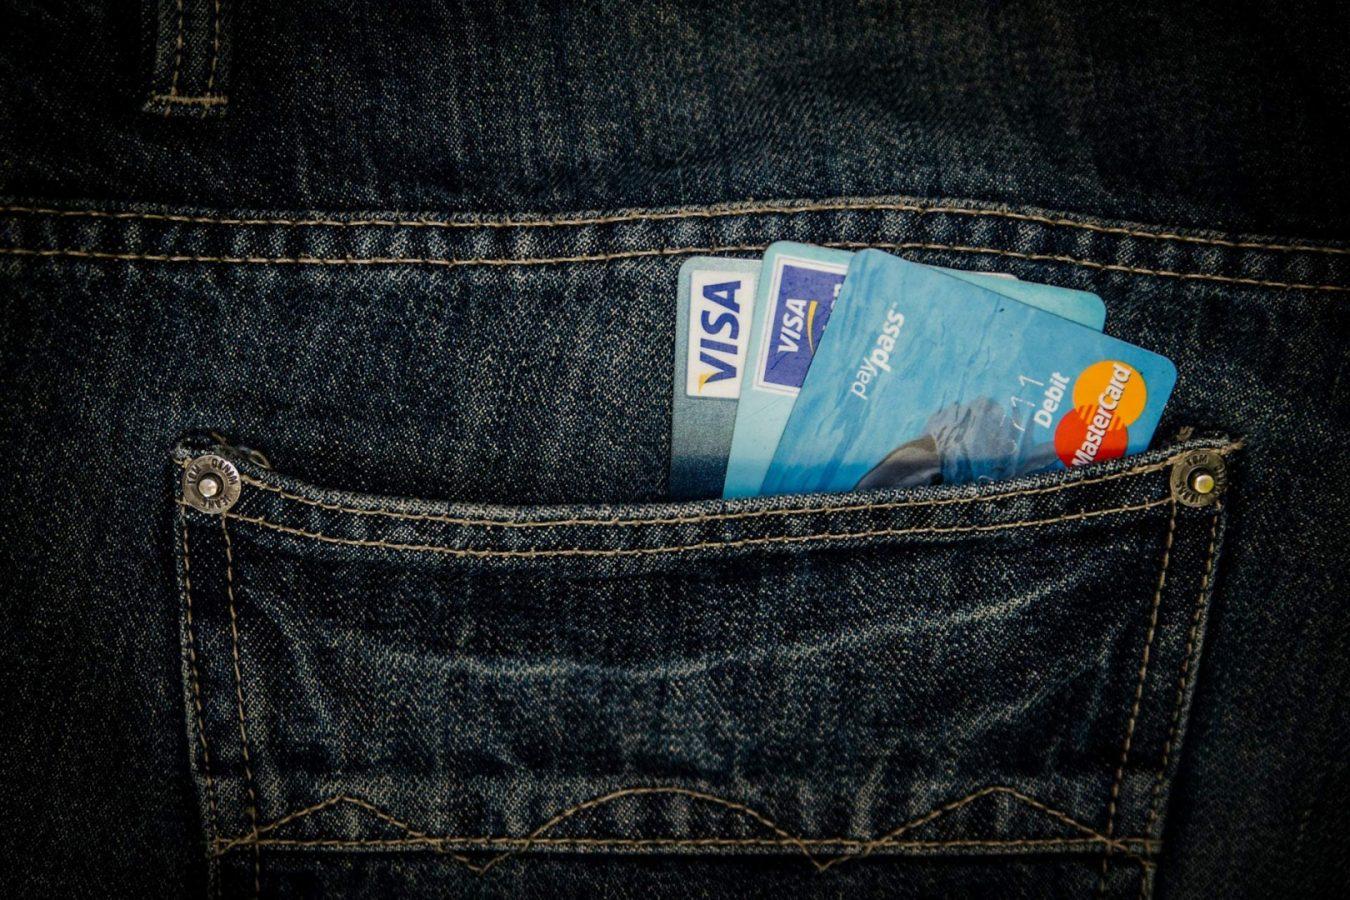 Gli acquisti di bitcoin diventano anticipi contanti per le carte di credito - Gli acquisti di bitcoin diventano anticipi contanti per le carte di credito